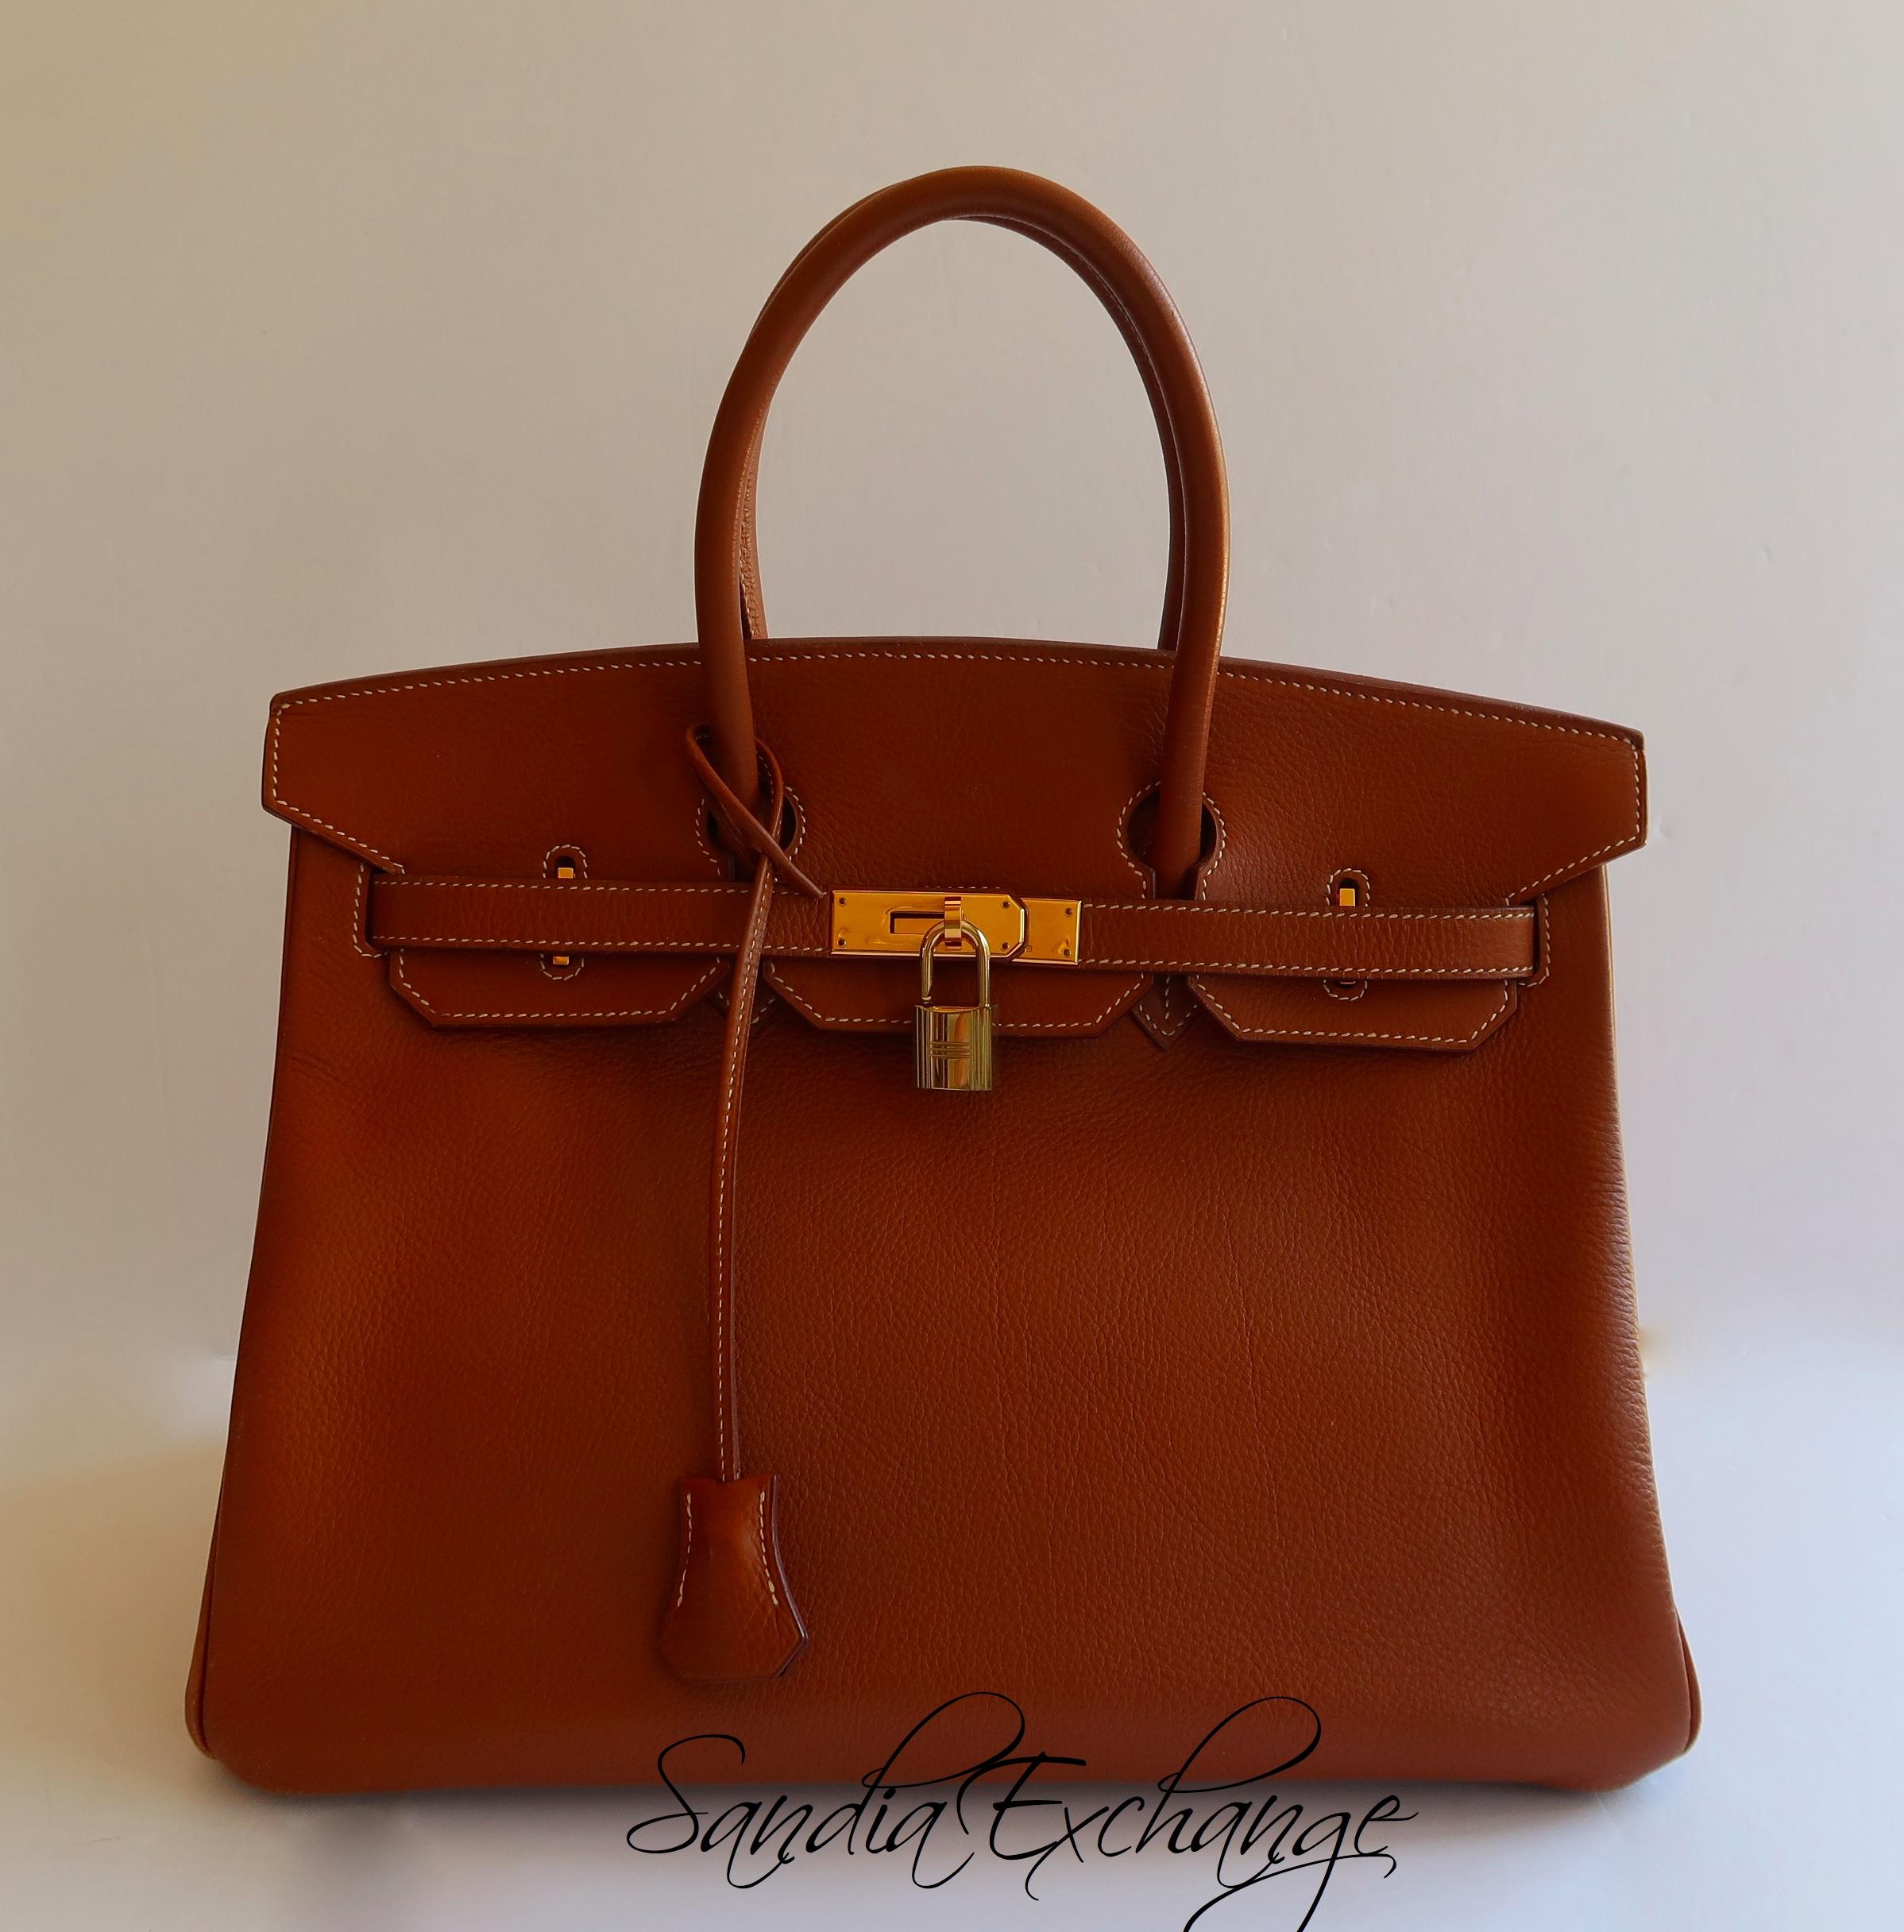 2638234142b0 Authentic HERMES Birkin 35 cm Togo Medium Brown Gold Hardware Vintage